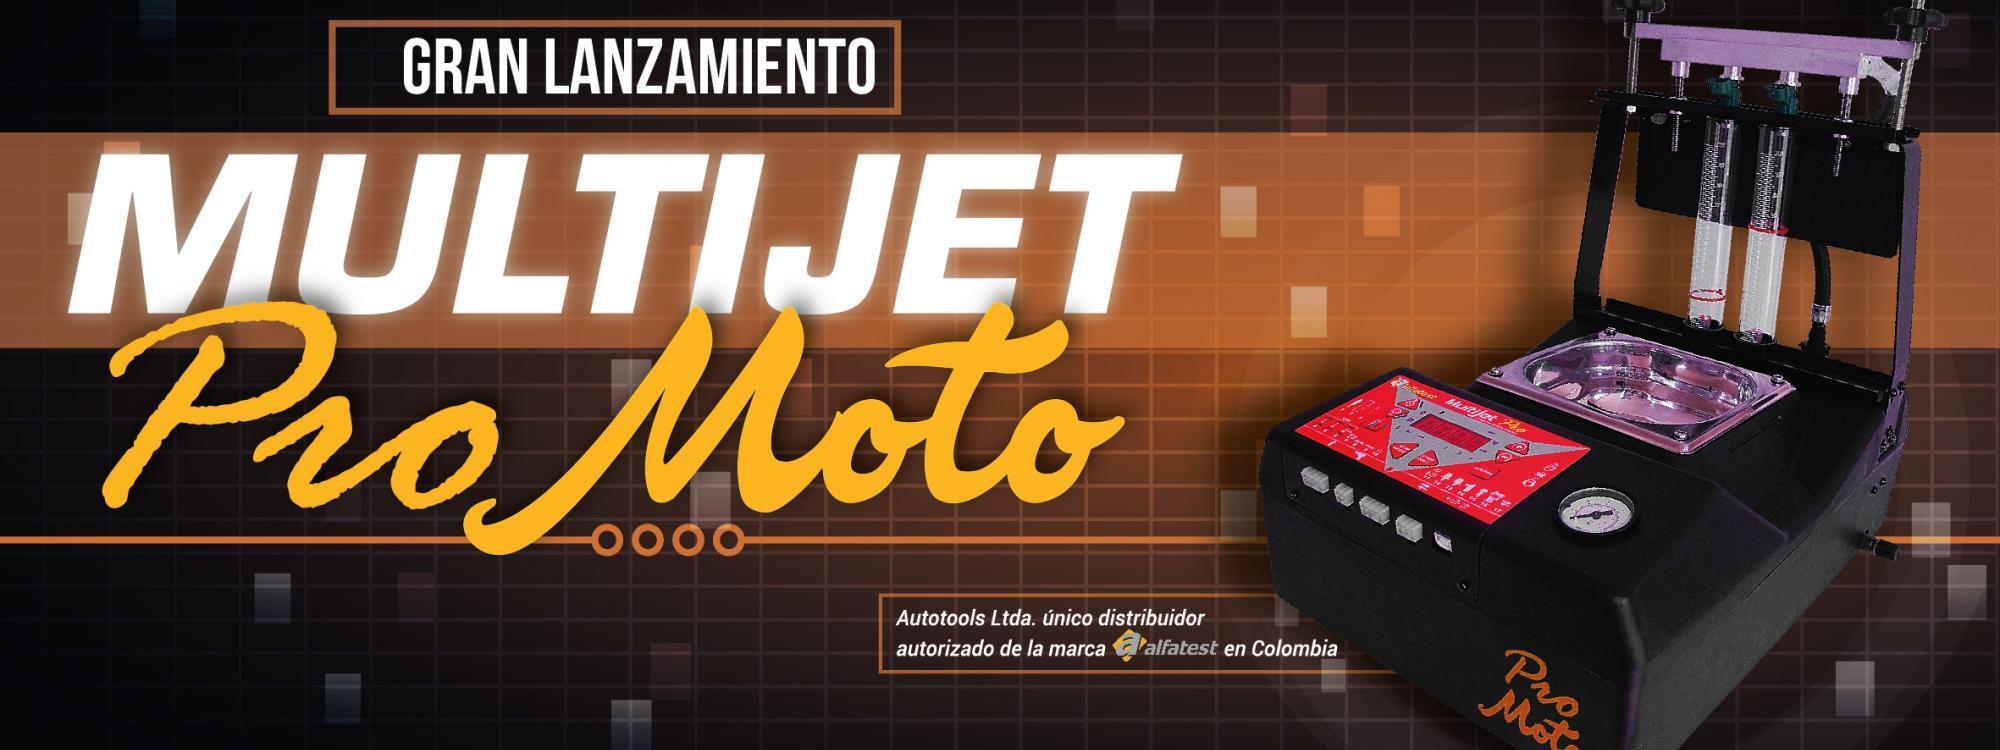 pro_moto_lanzamiento-01.jpg